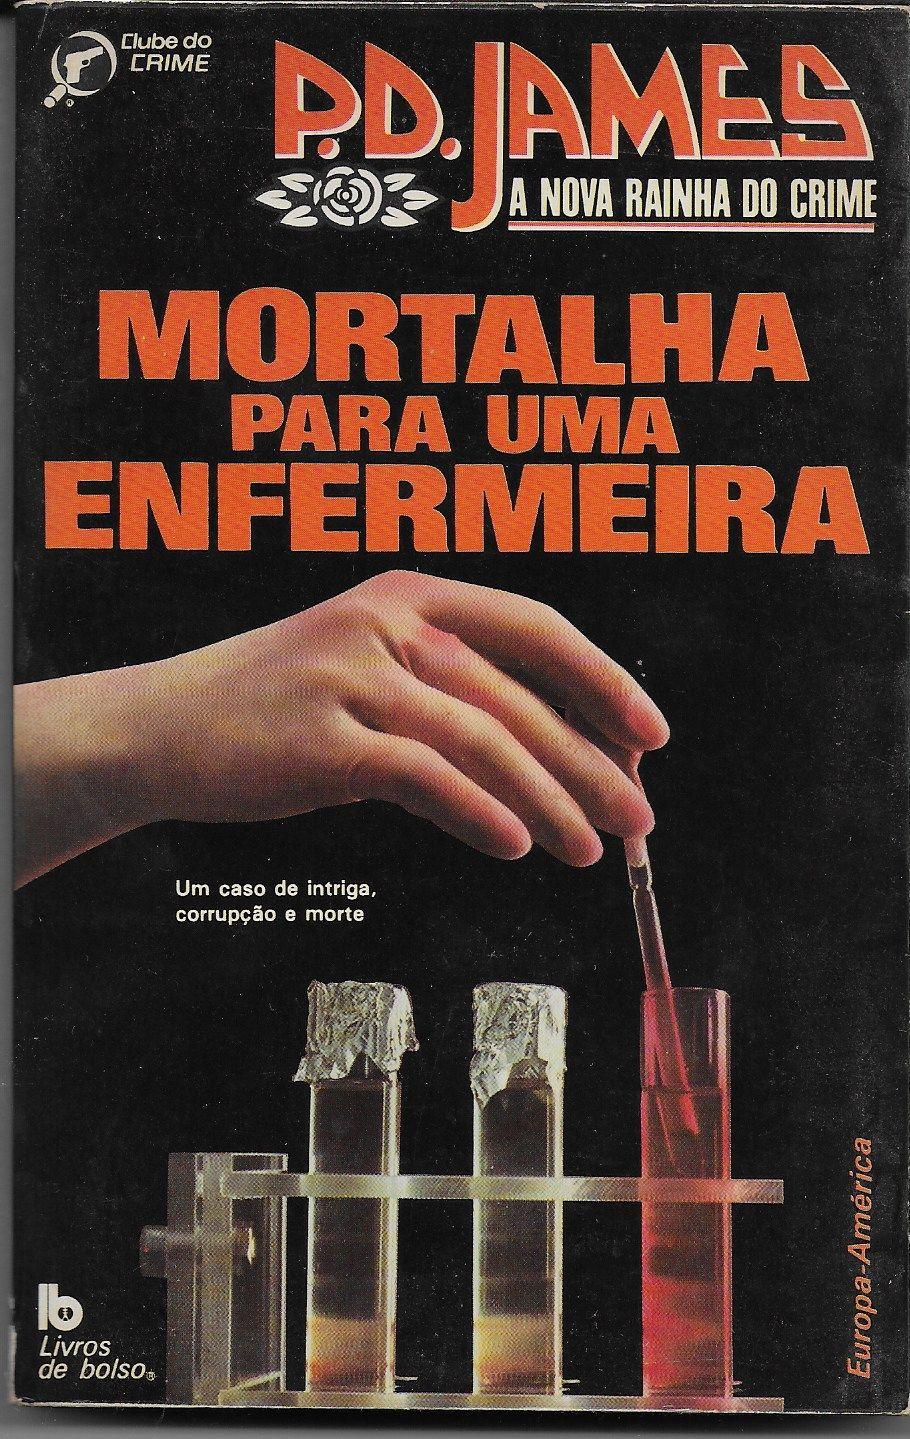 Mortalha Para Uma Enfermeira - P. D. James   Mortalha, Enfermeira, Livros